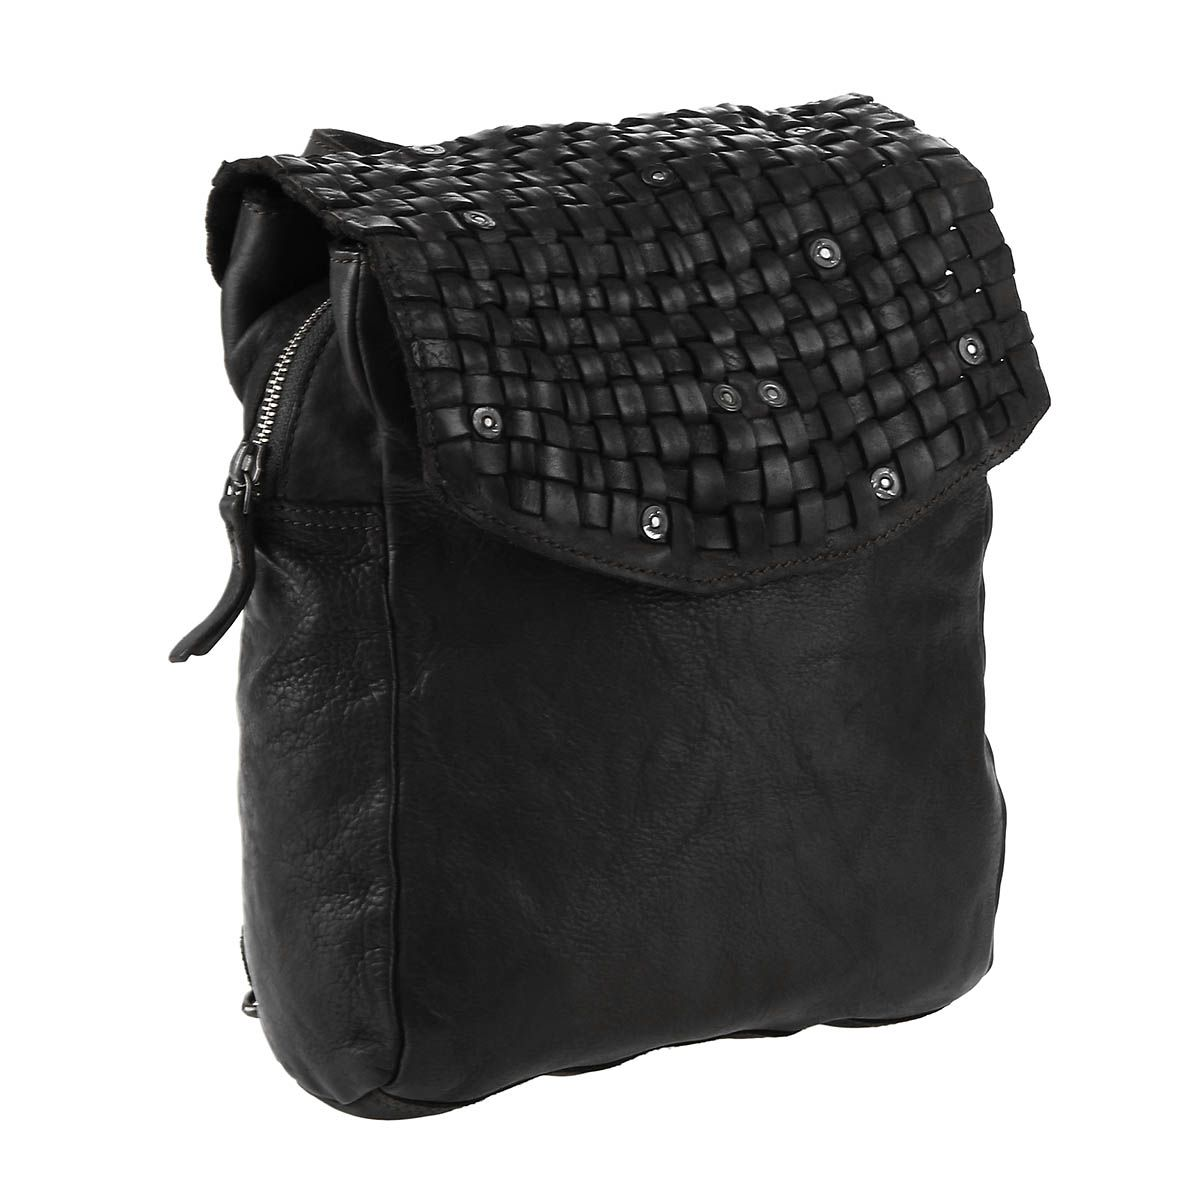 a07fe3c6fdf Harbour 2nd Lederrucksack Lone Backpack in 2019 | Bagspiration ...